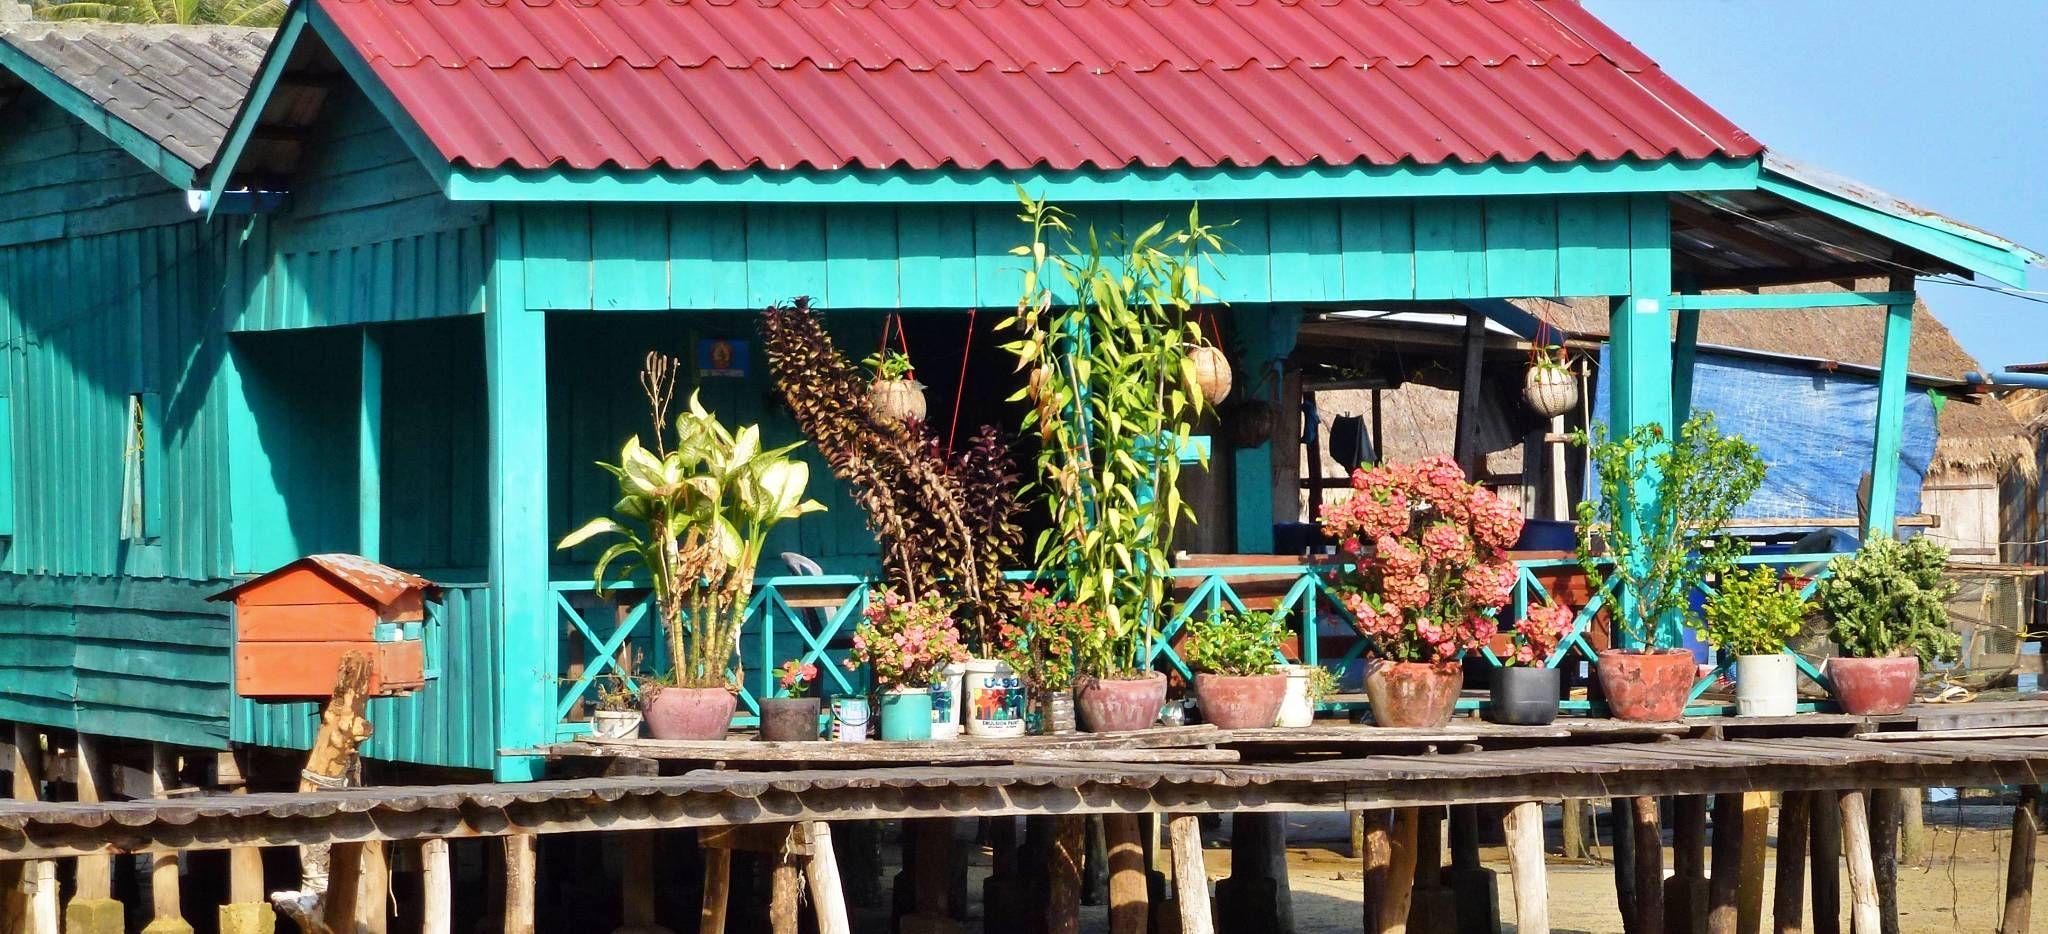 Kräuter aufgestellet auf der Terrasse eines Kambodschanischen Hauses auf Stelzen auf einem Fluss